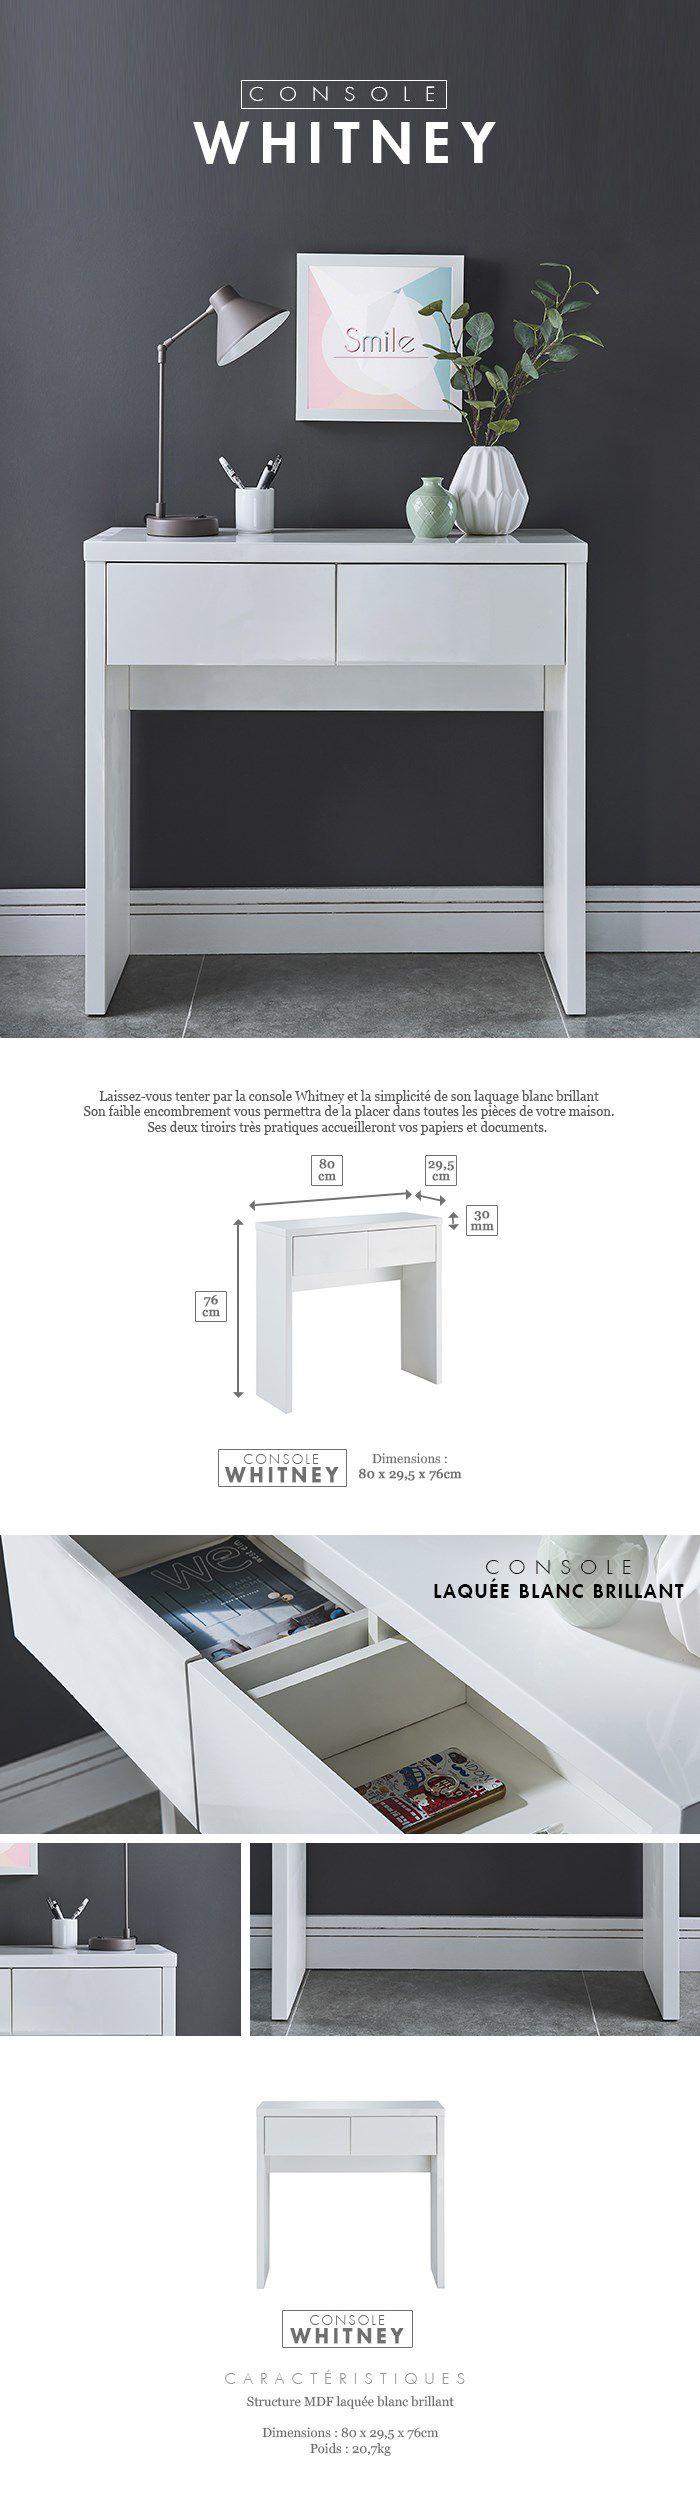 Whitney Console Style Contemporain Laqu E Blanc Brillant L 80 Cm